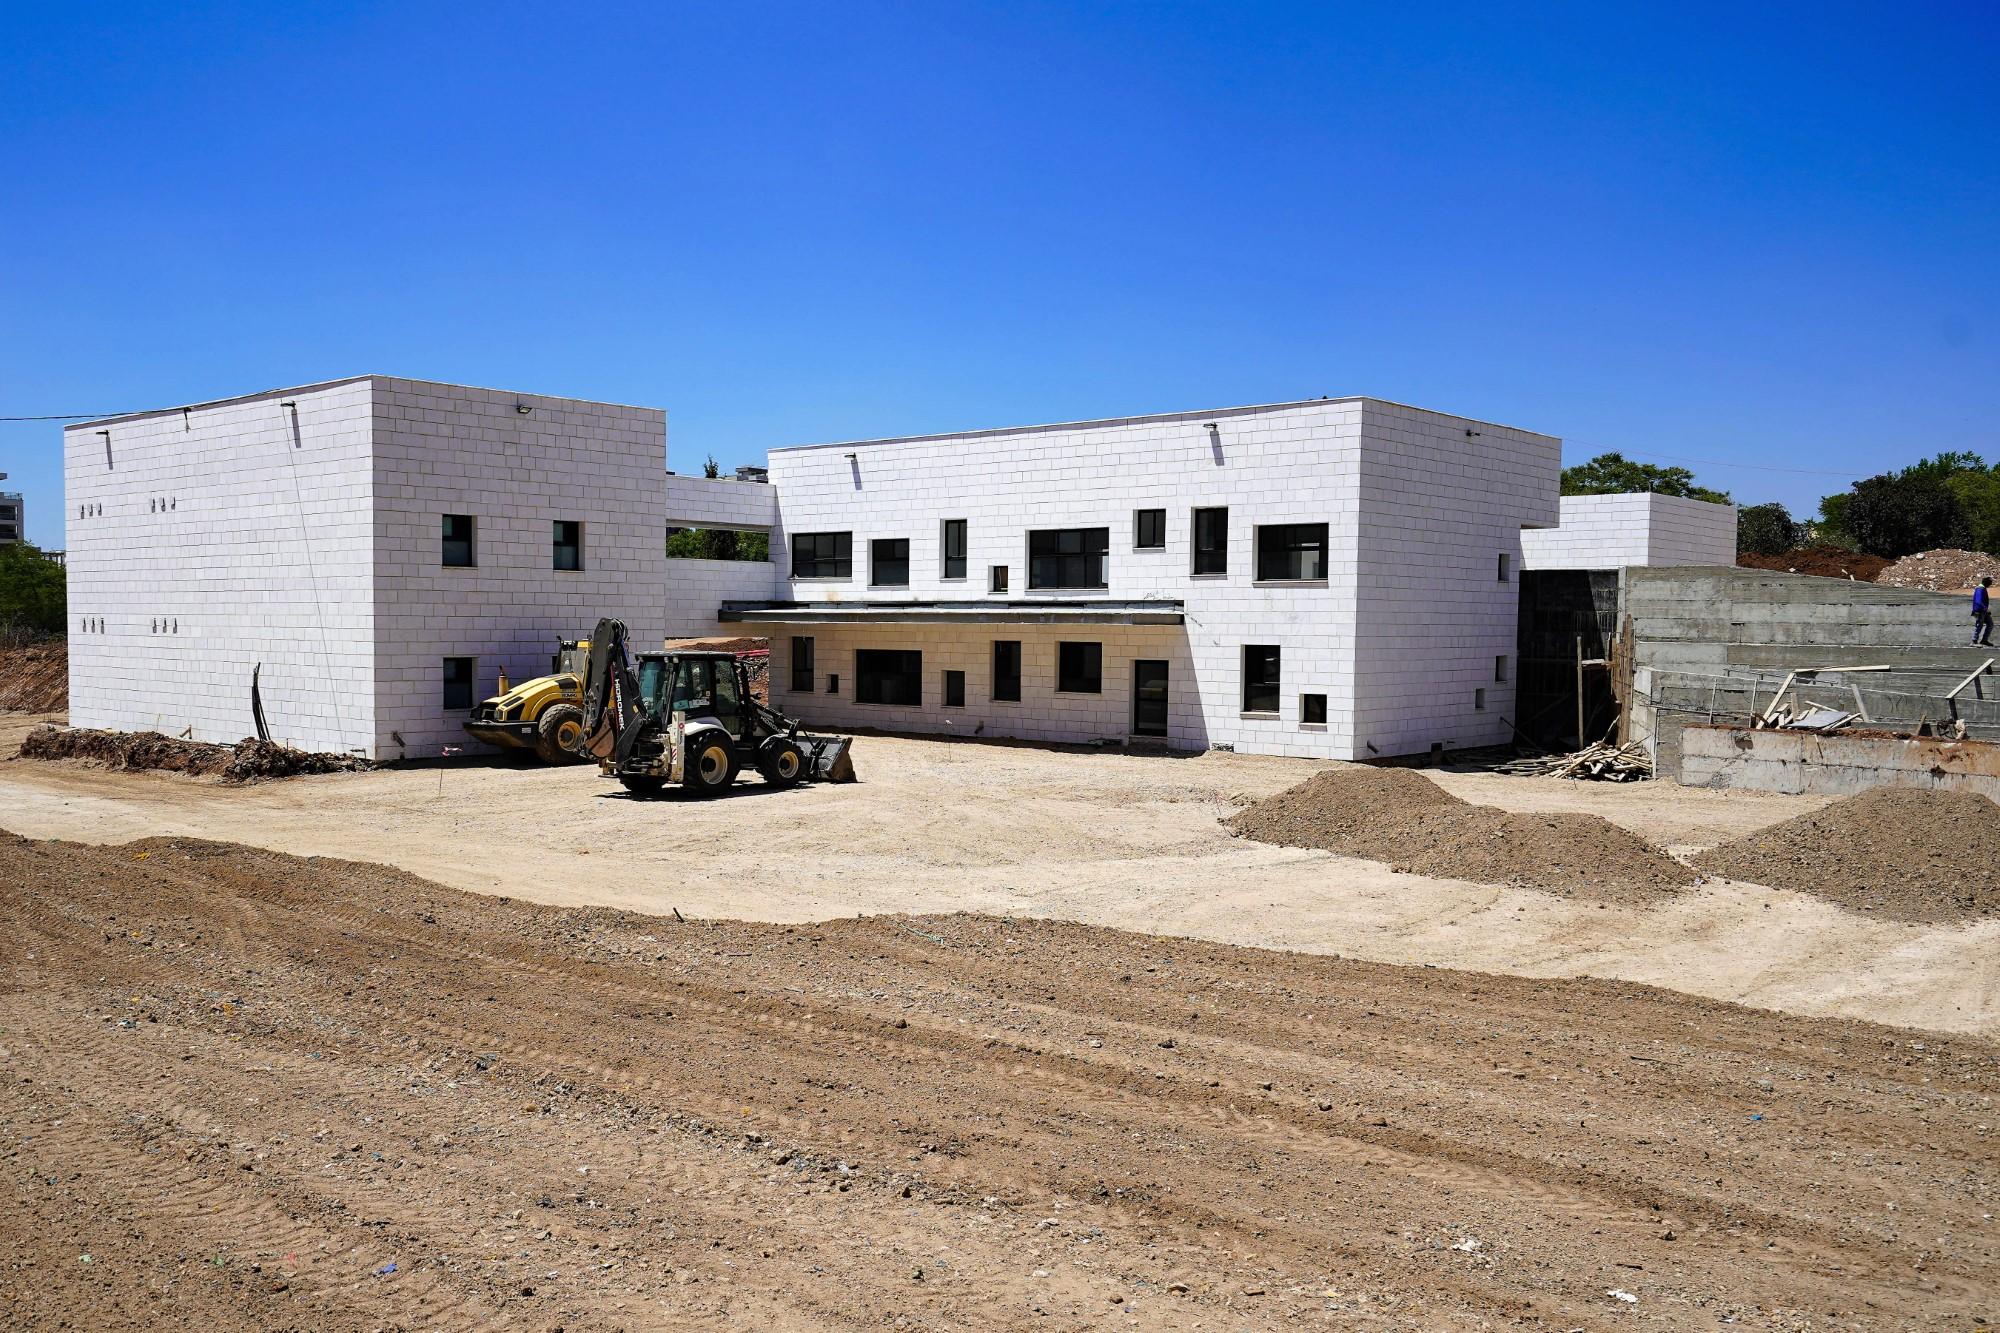 הרשות השקיעה מיליוני שקלים בבנייה ושדרוג של מוסדות חינוך חדשים